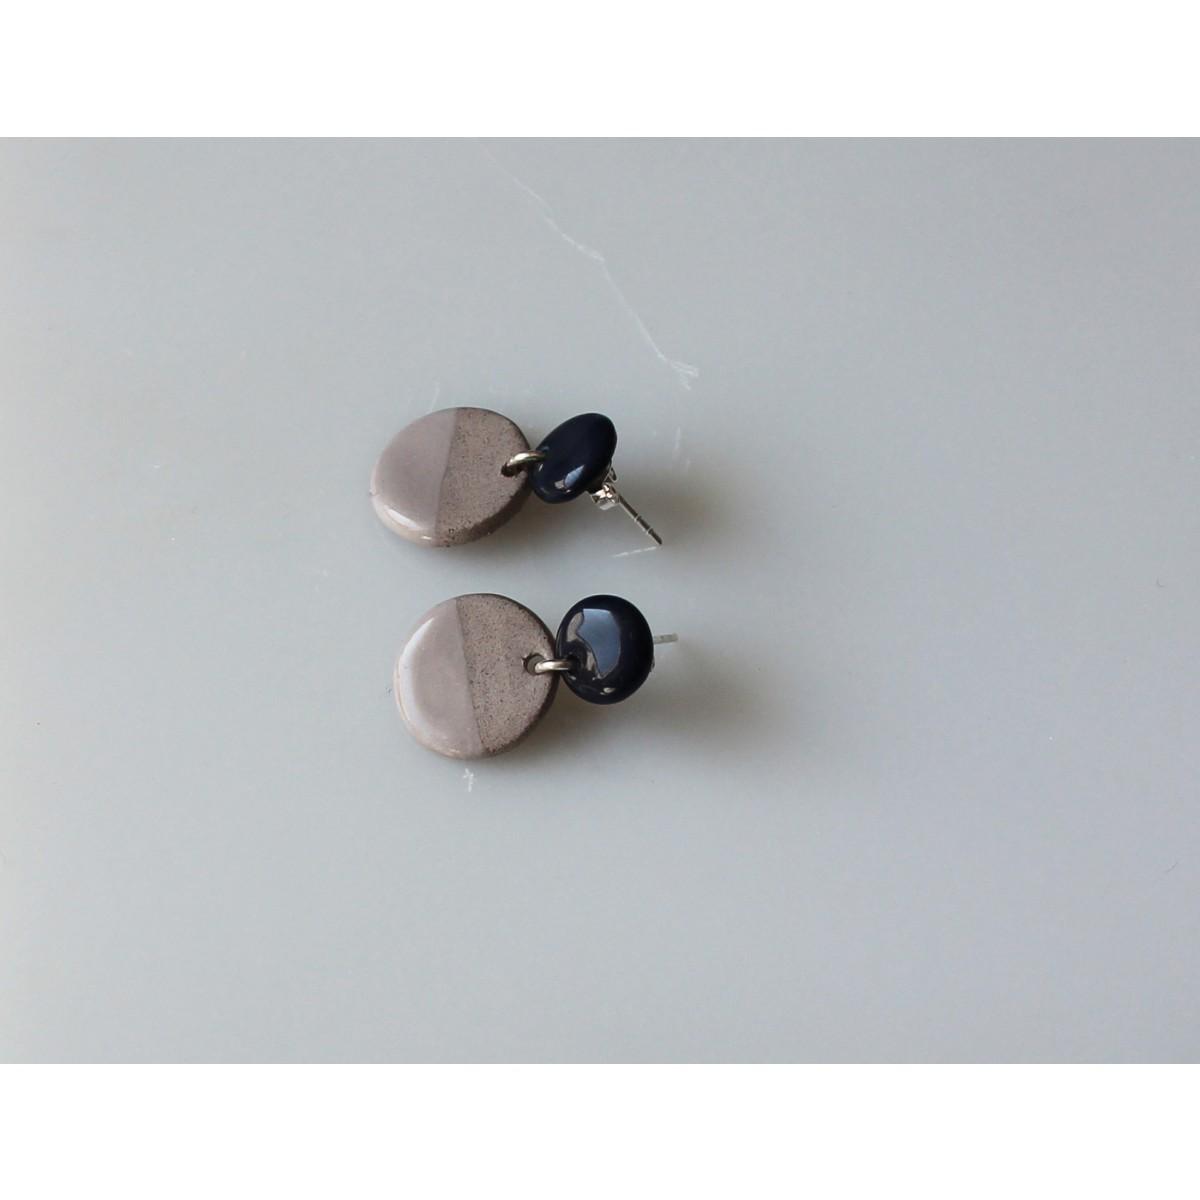 Skelini - dunkelblau und grau Porzellanohrringe